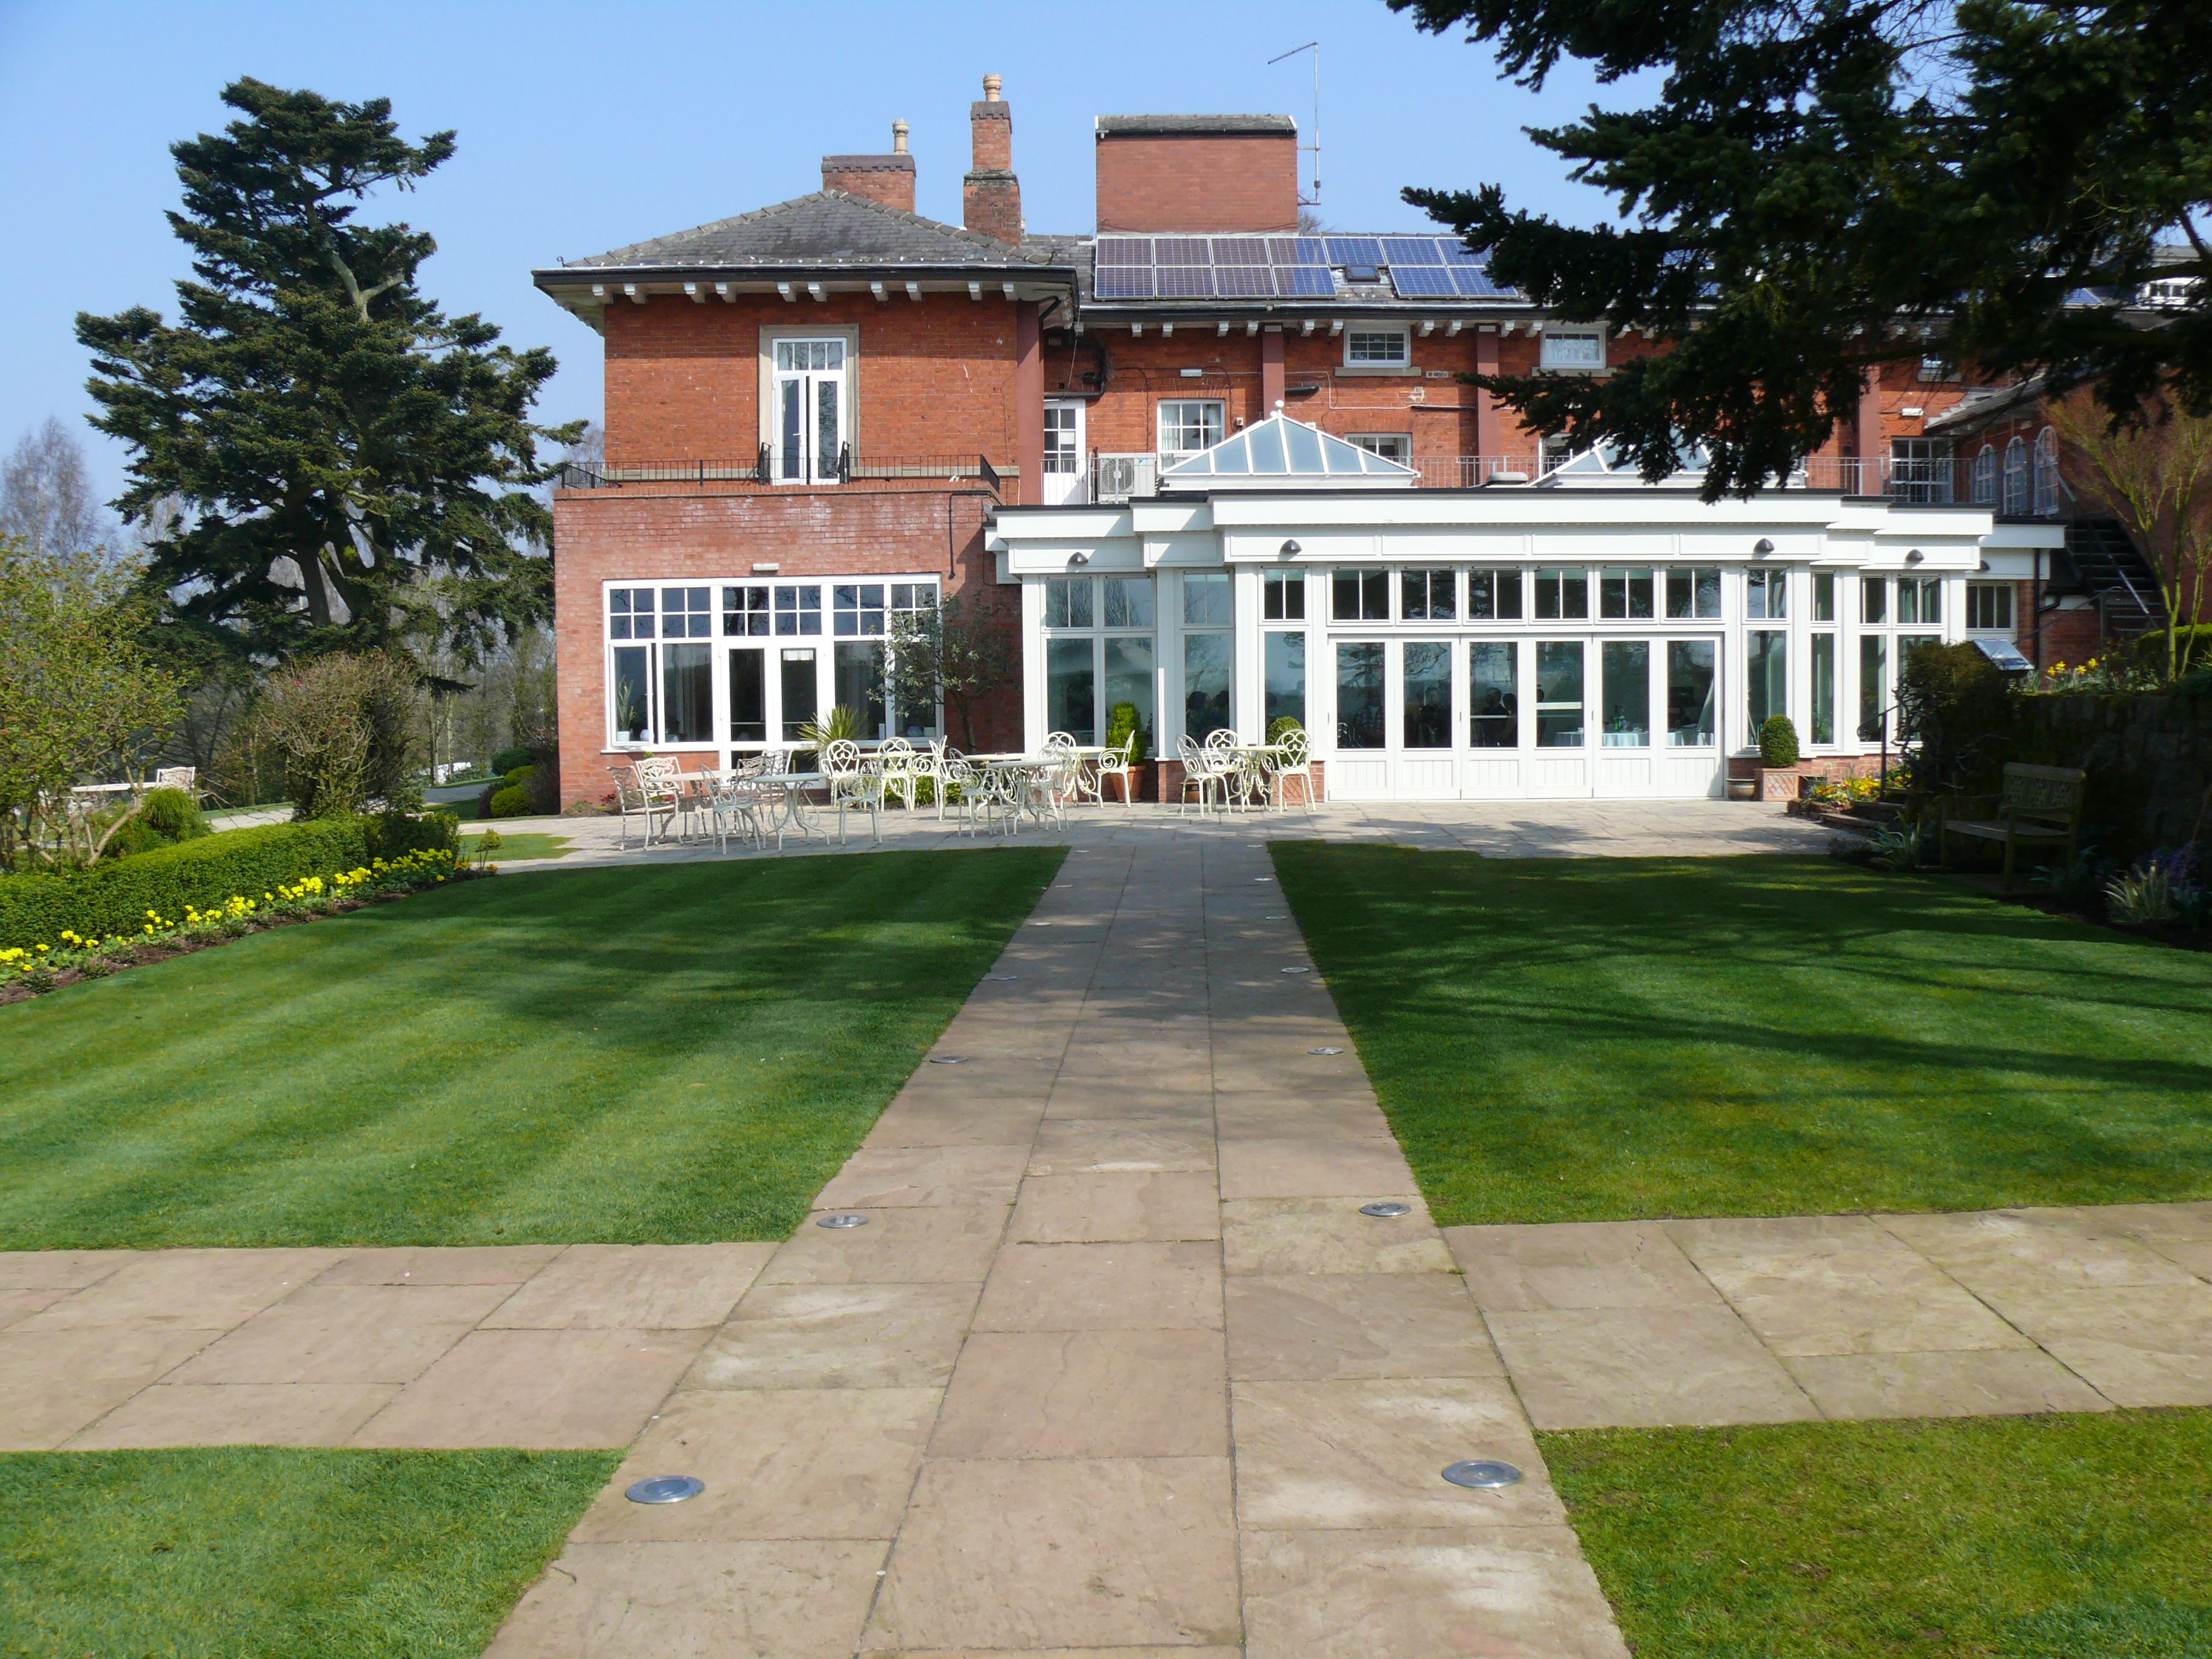 Regular Commercial Grounds Maintenance in Stoke on Trent